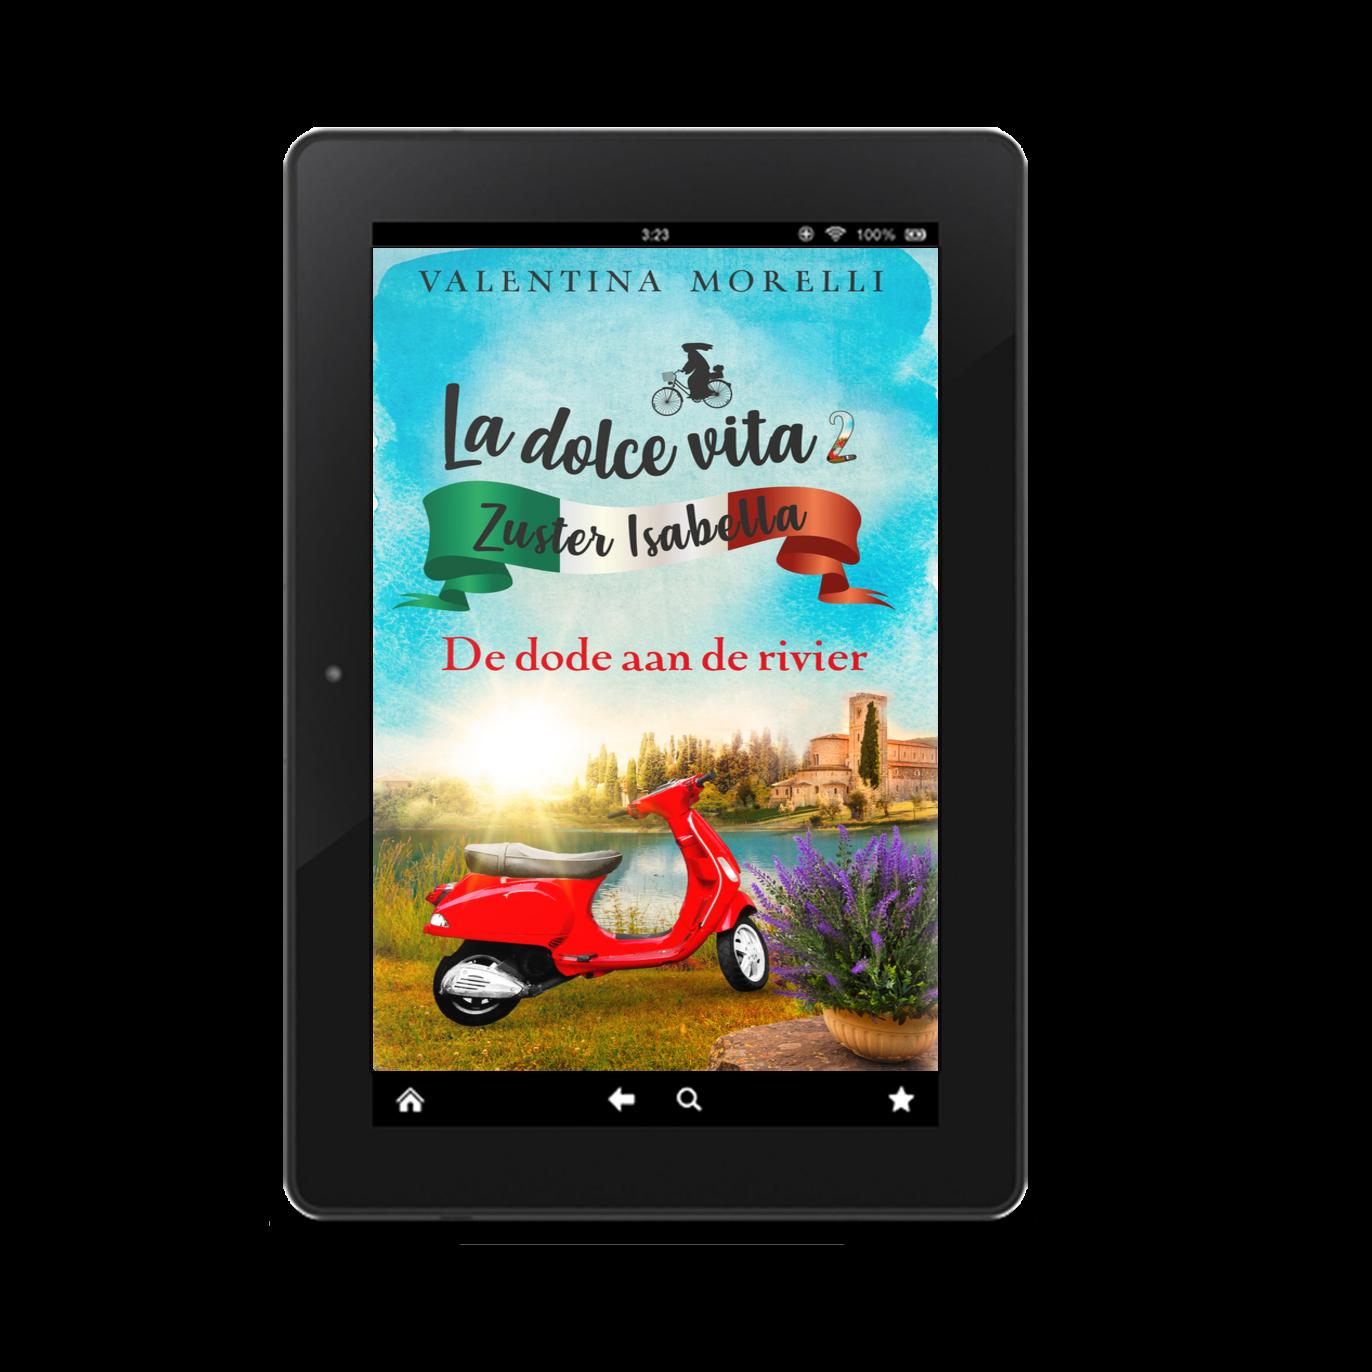 La dolce vita - De dode aan de rivier